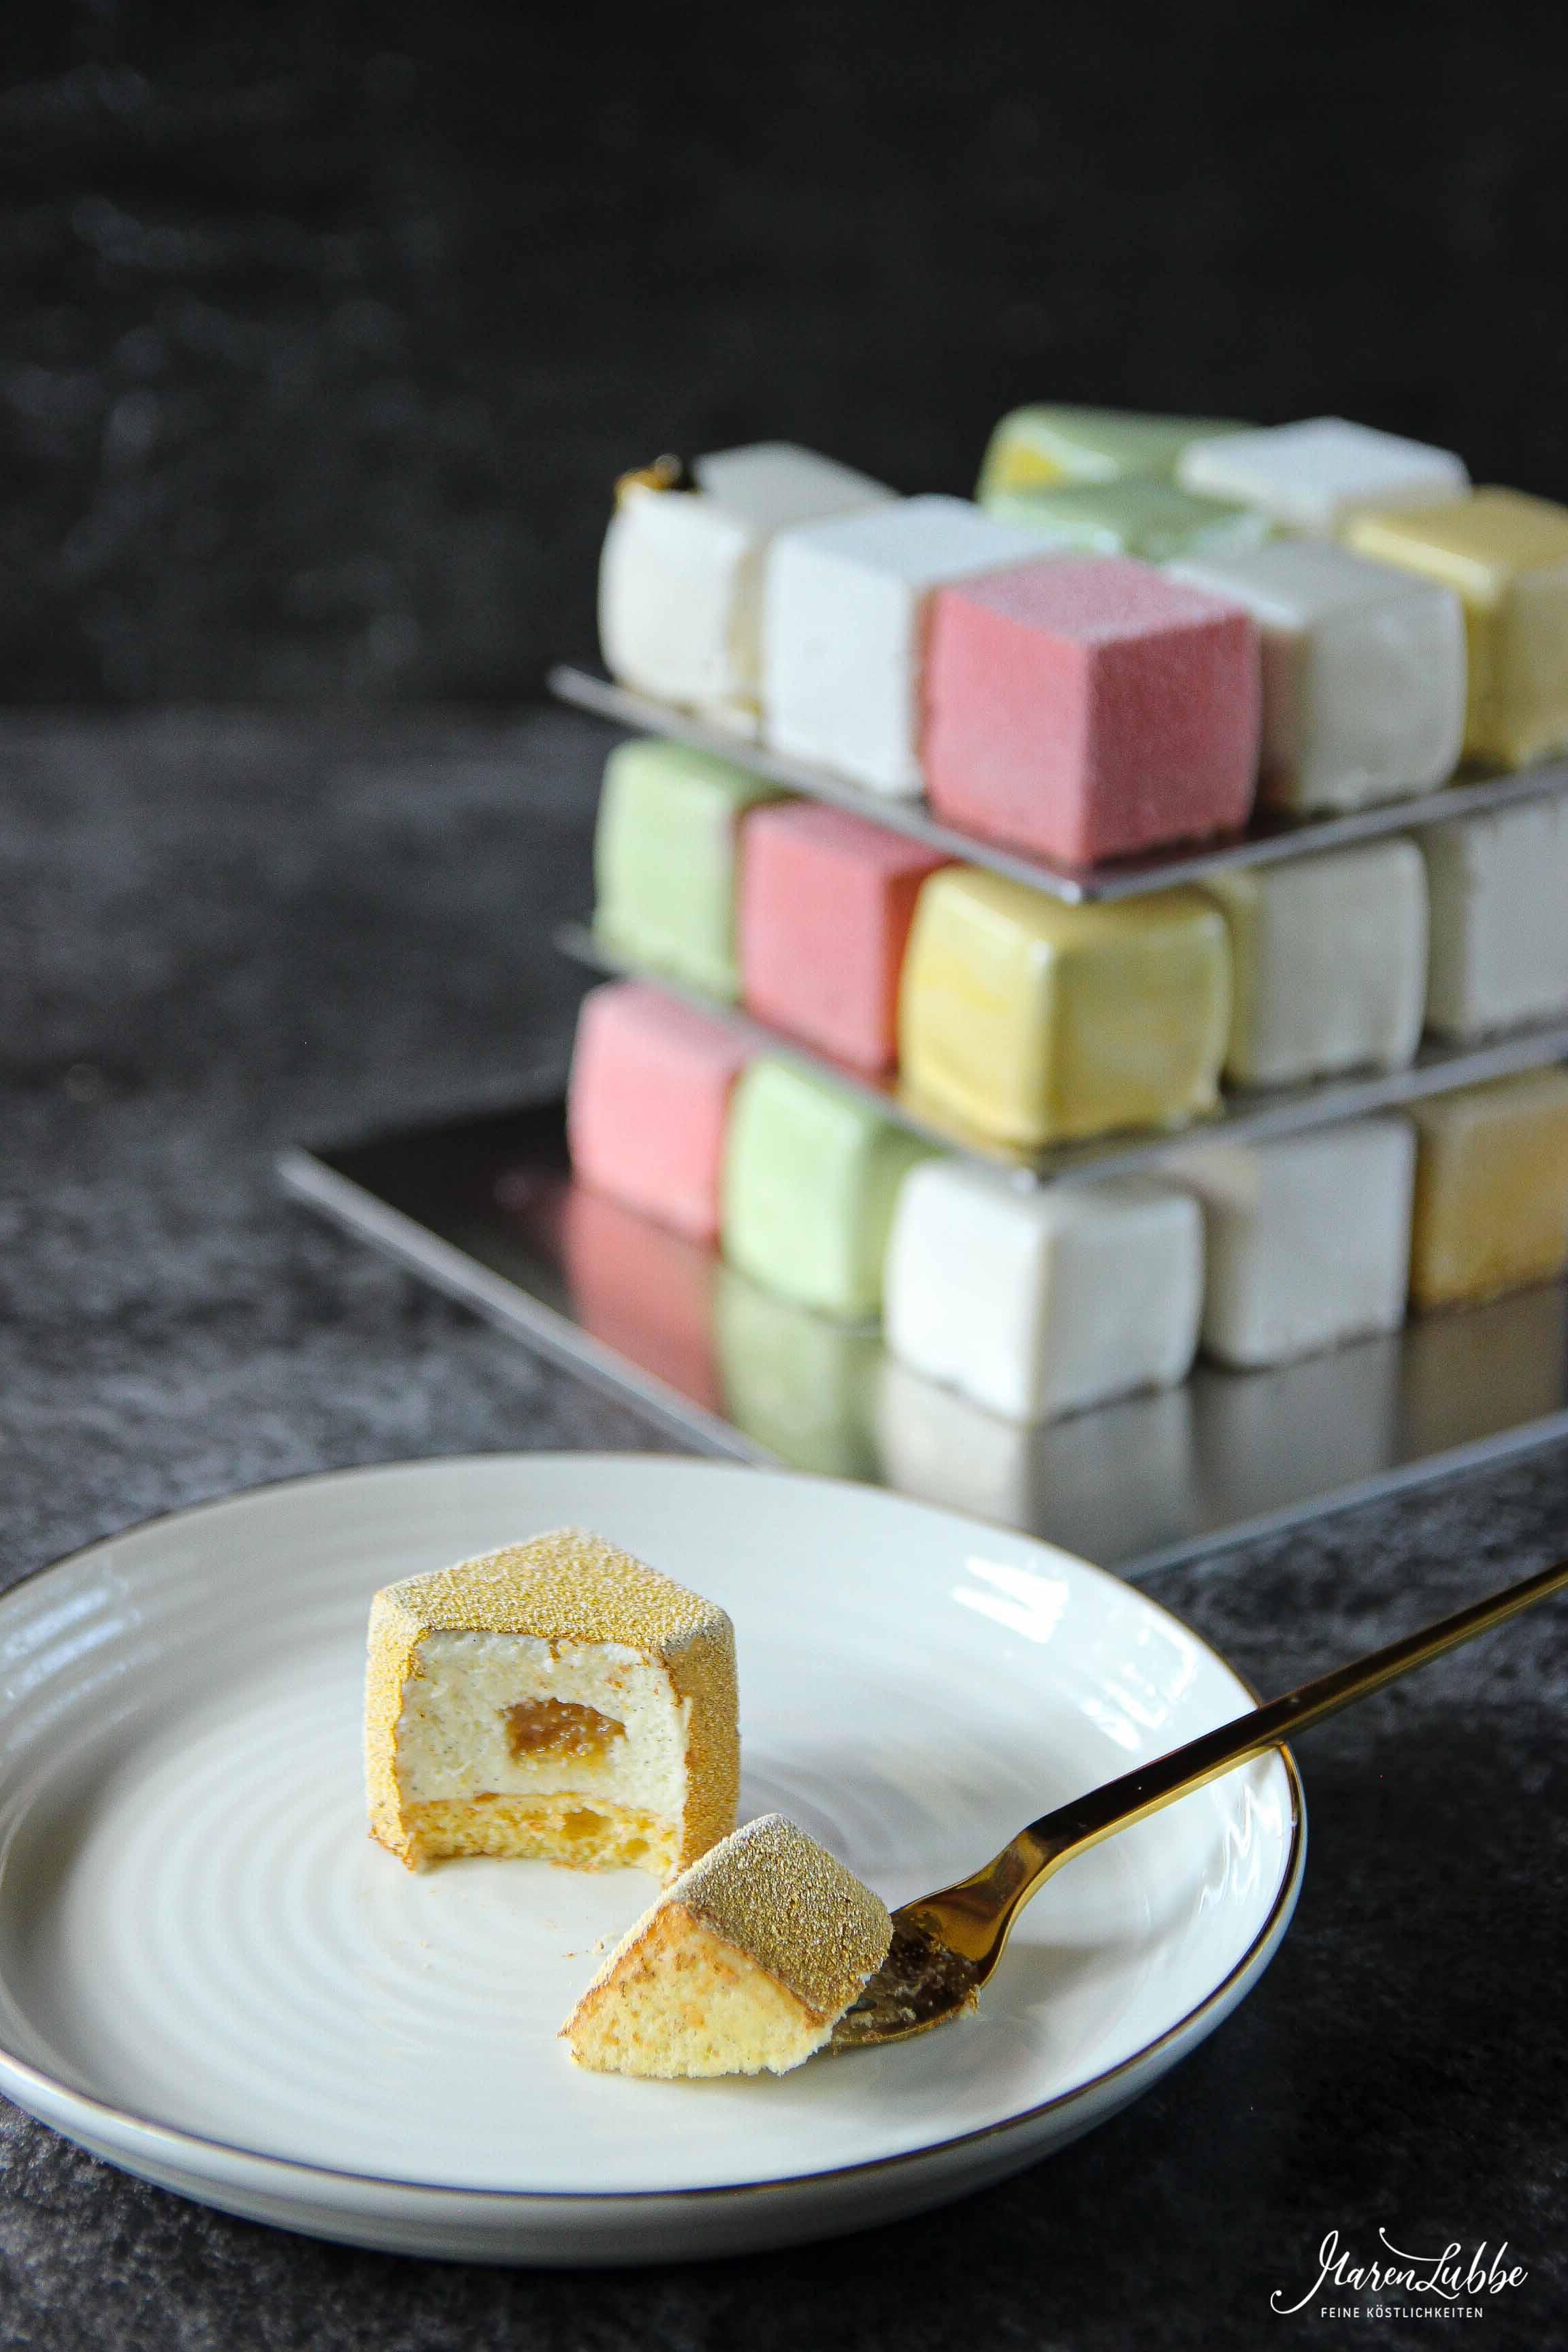 Rubik's Cube Würfel zum Vernaschen